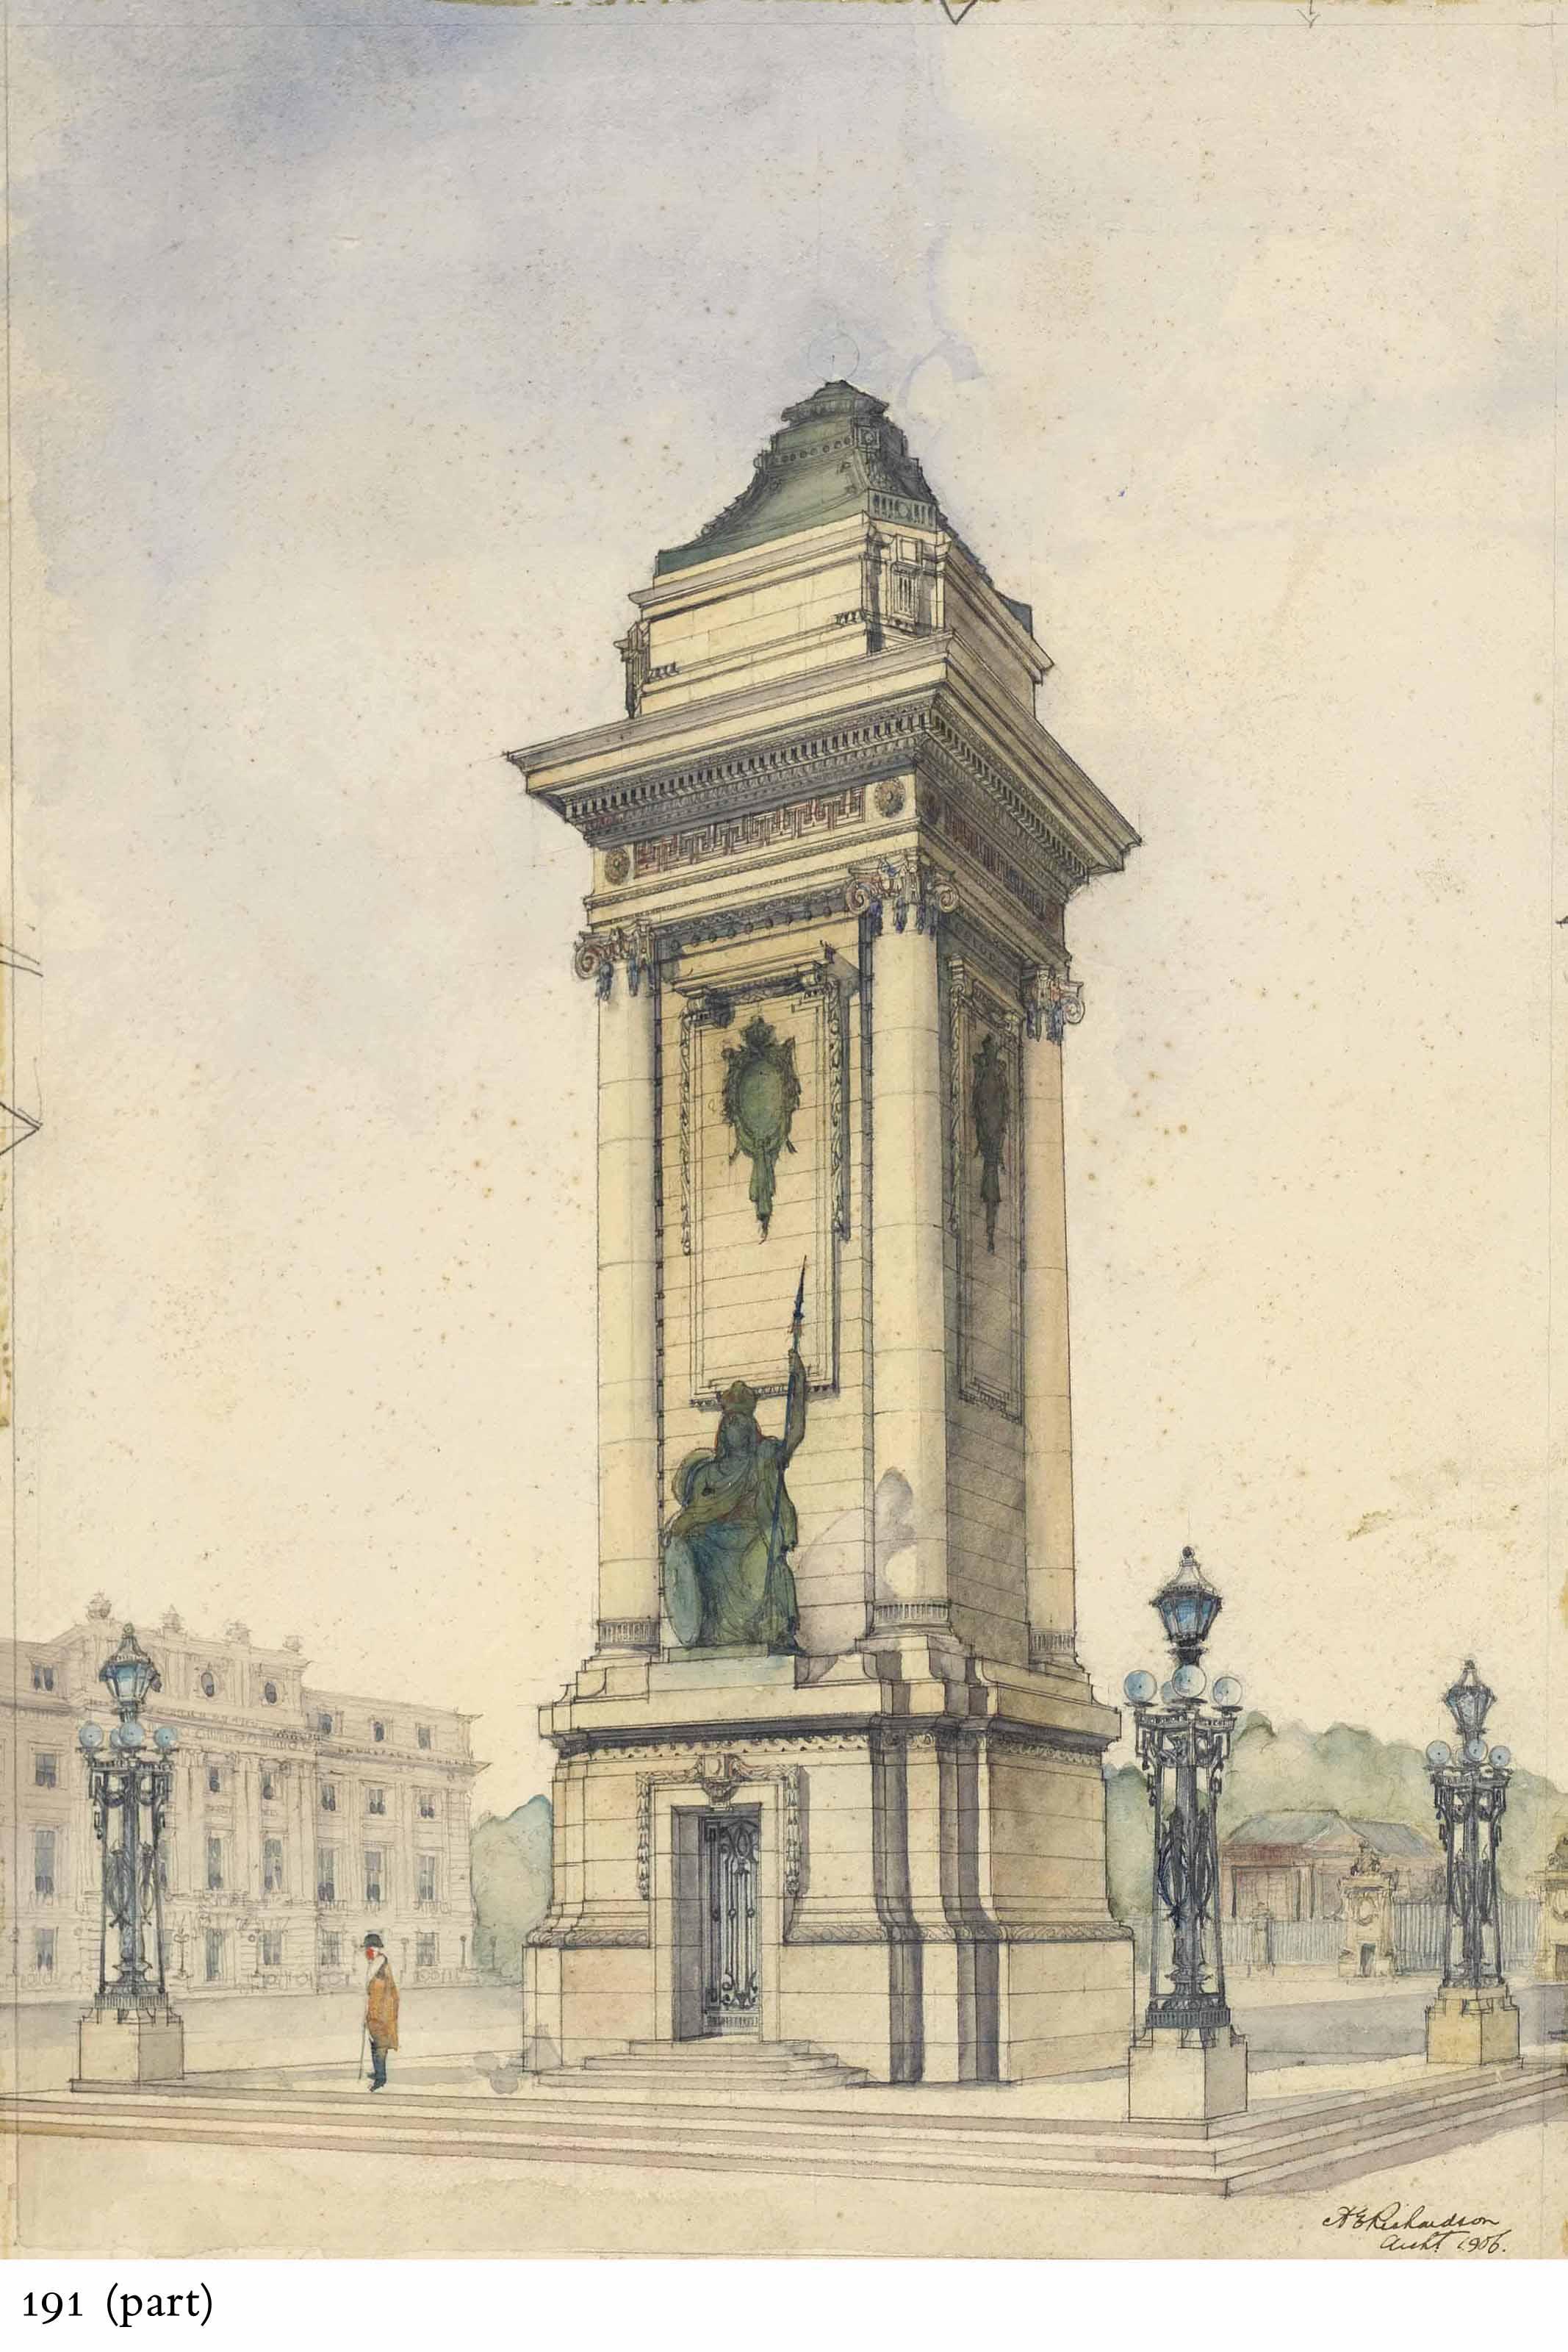 A Design for a public monument